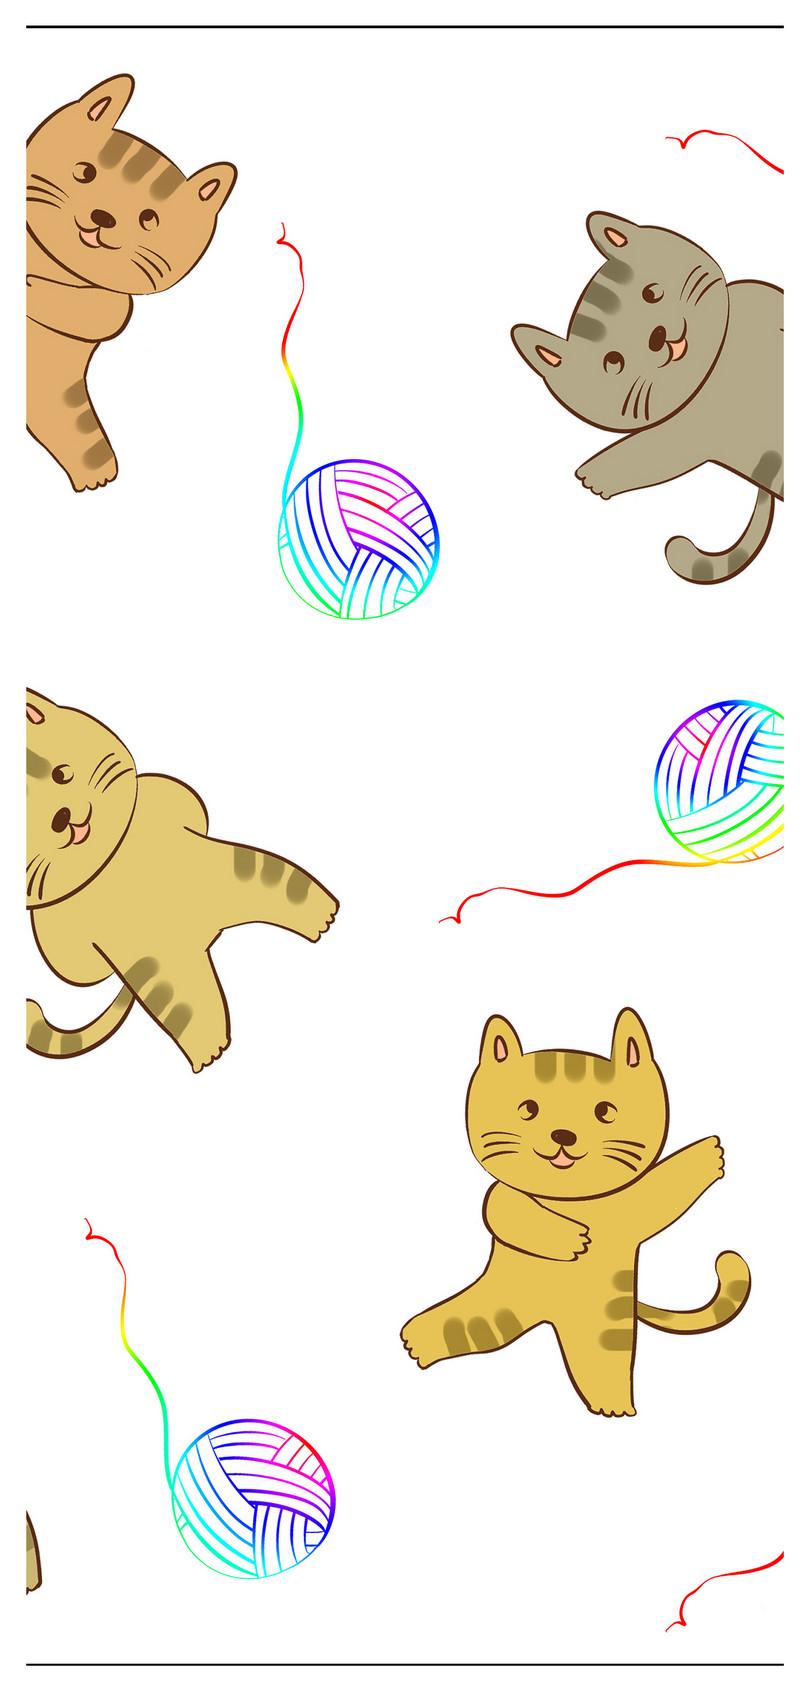 Kartun Kertas Dinding Kucing Kartun Gambar Unduh Gratis Imej